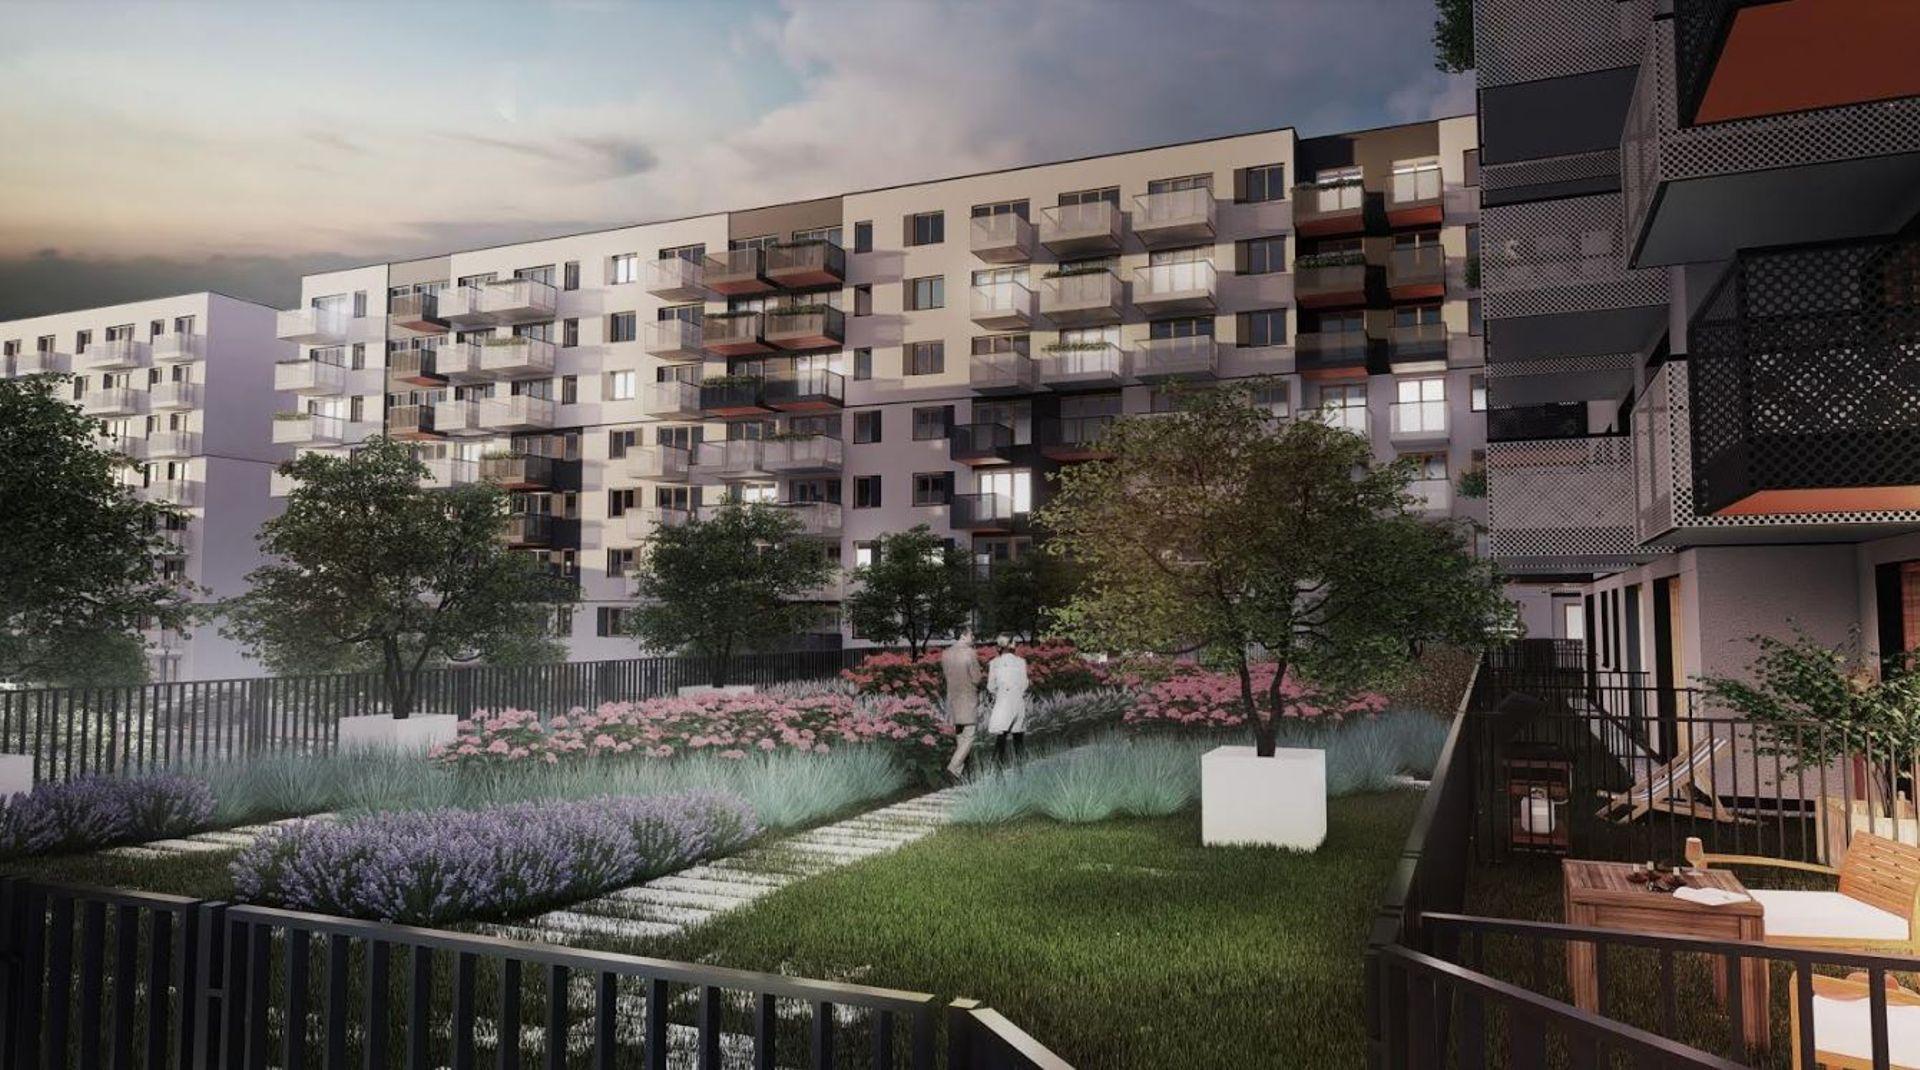 Develia rozpoczyna budowę kolejnego etapu osiedla Centralna Park w Krakowie